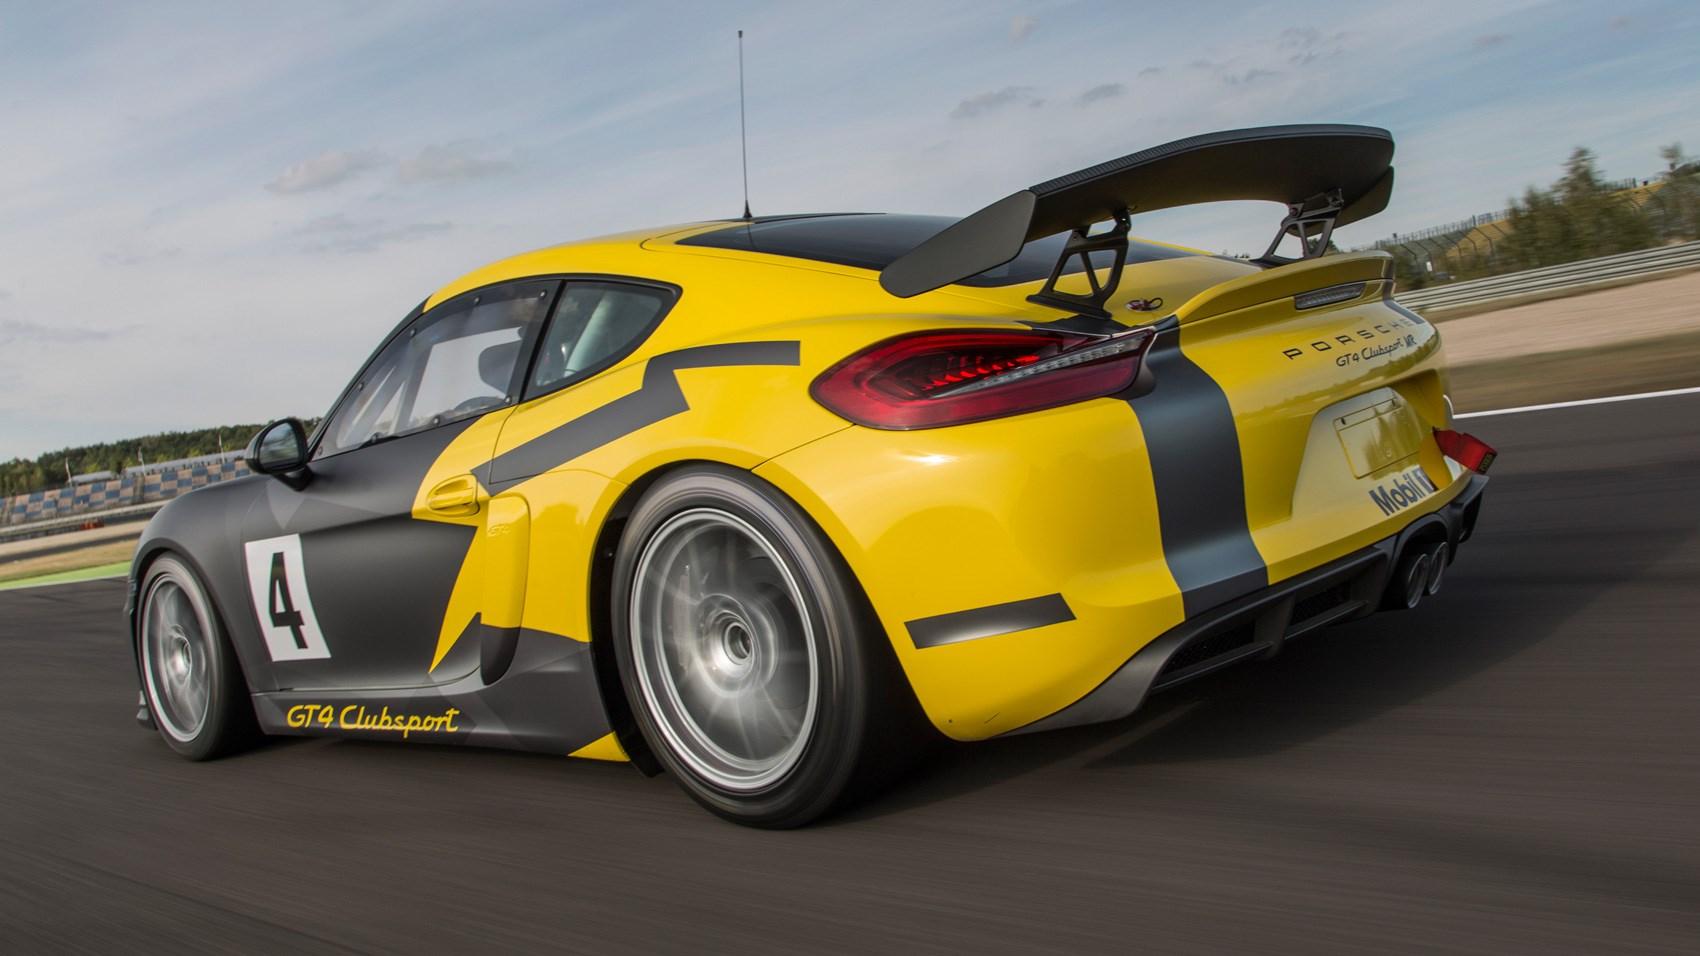 Gt4 Clubsport For Sale >> Porsche Cayman GT4 Clubsport (2017) review | CAR Magazine